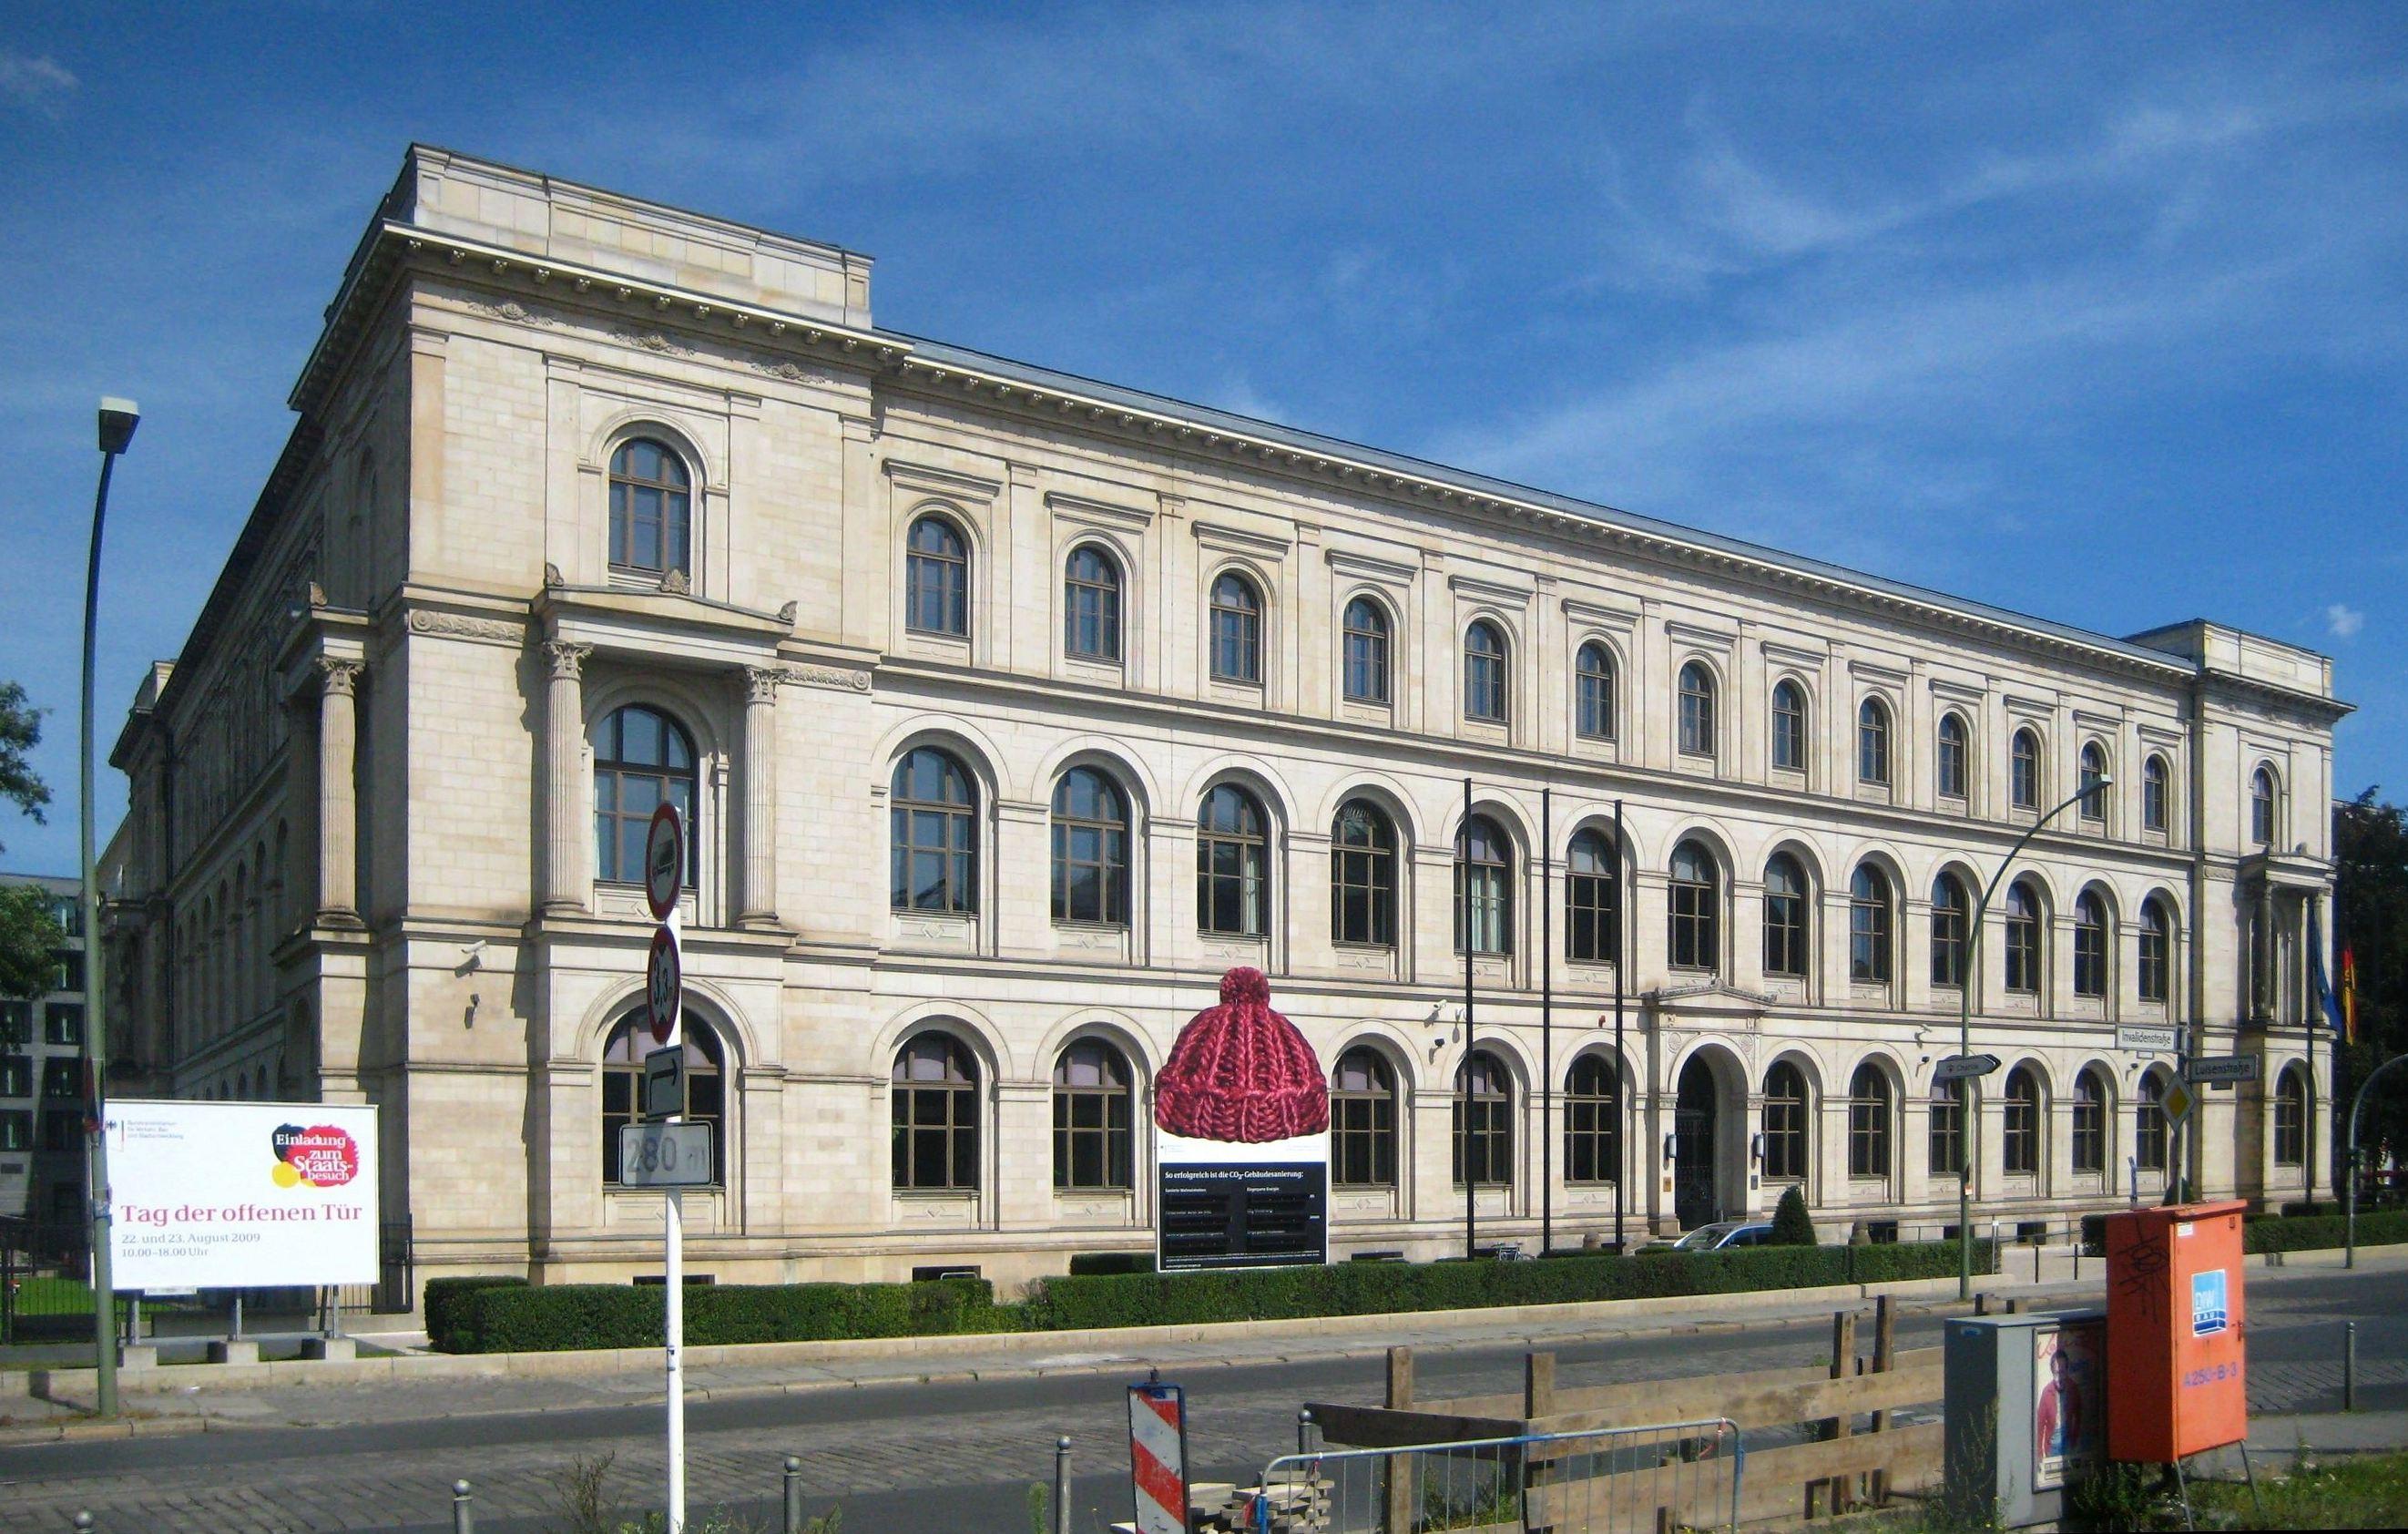 Architekten In Berlin file berlin mitte invalidenstraße 44 bundesministerium für verkehr bau und stadtentwicklung